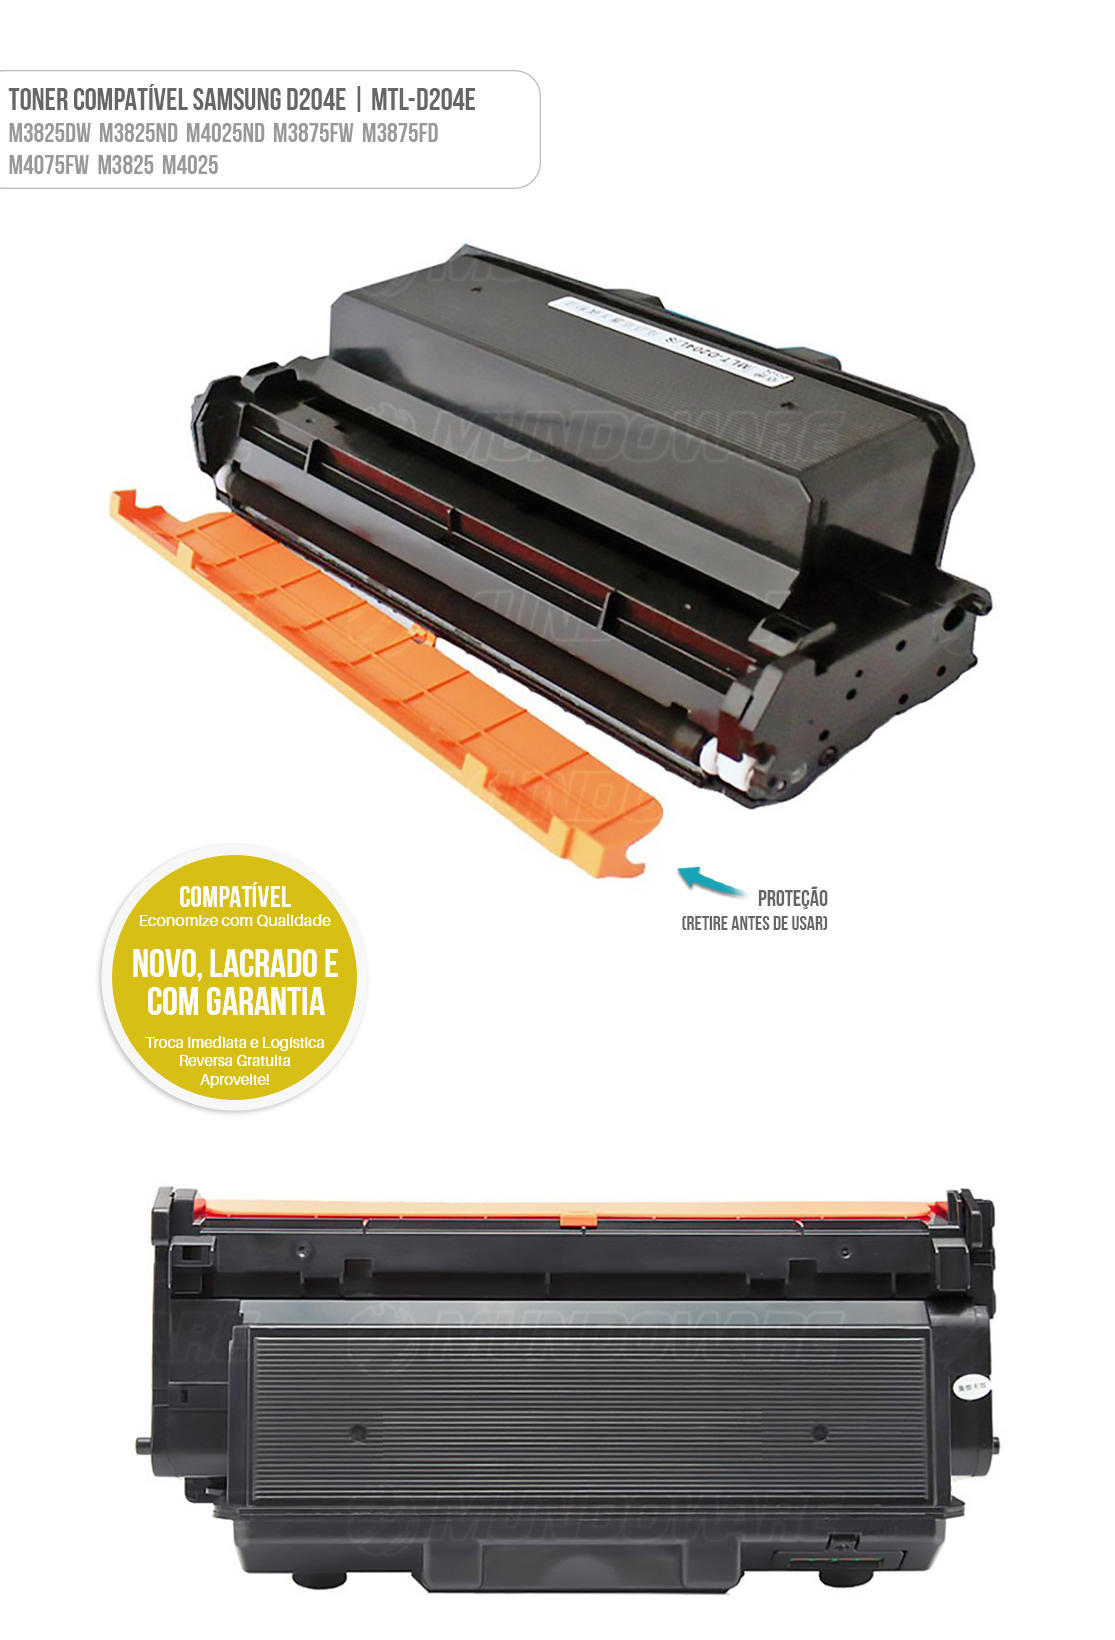 Toner para impressora M 3825DW M 3825ND M 4025ND M 3875FW M 3875FD M 4075FW tonner D204E 10k